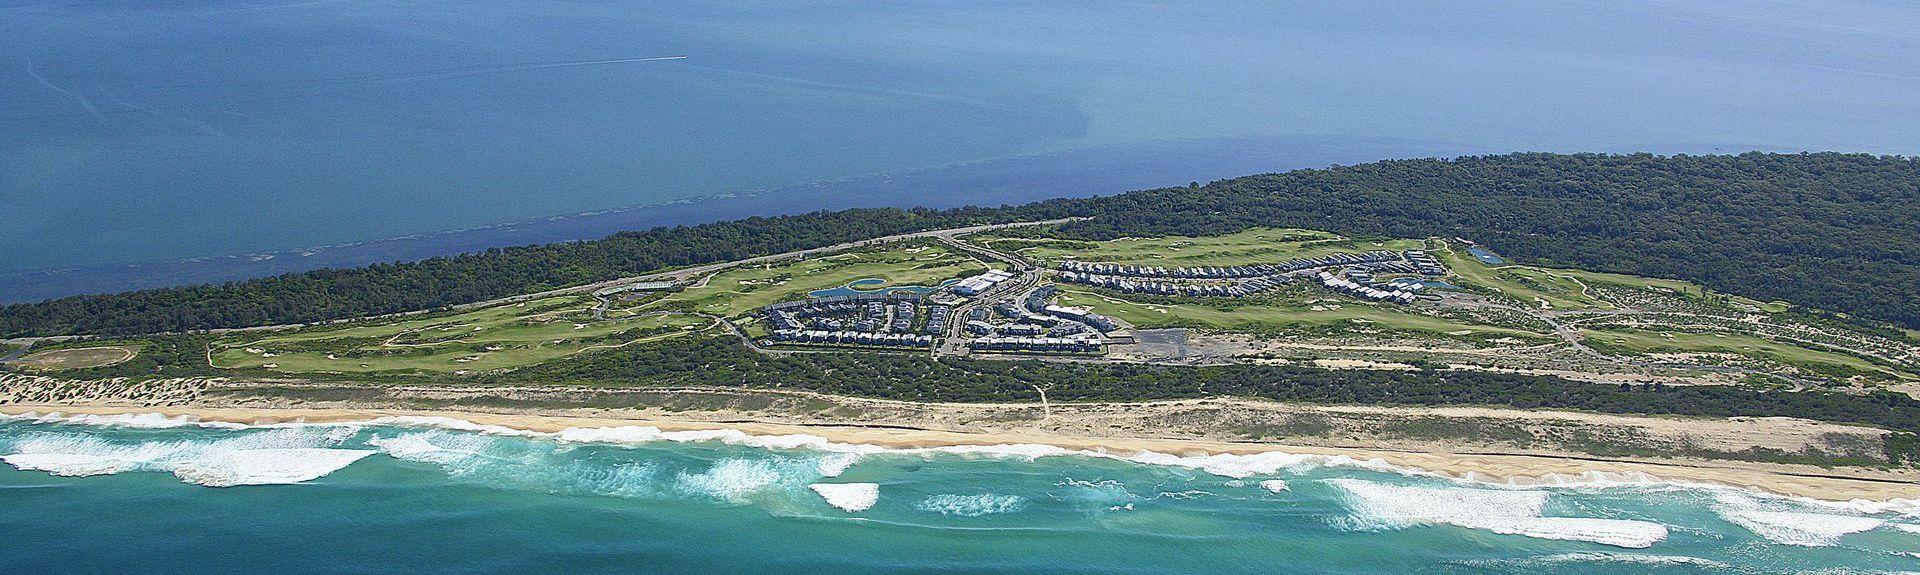 Jilliby, NSW, Australia